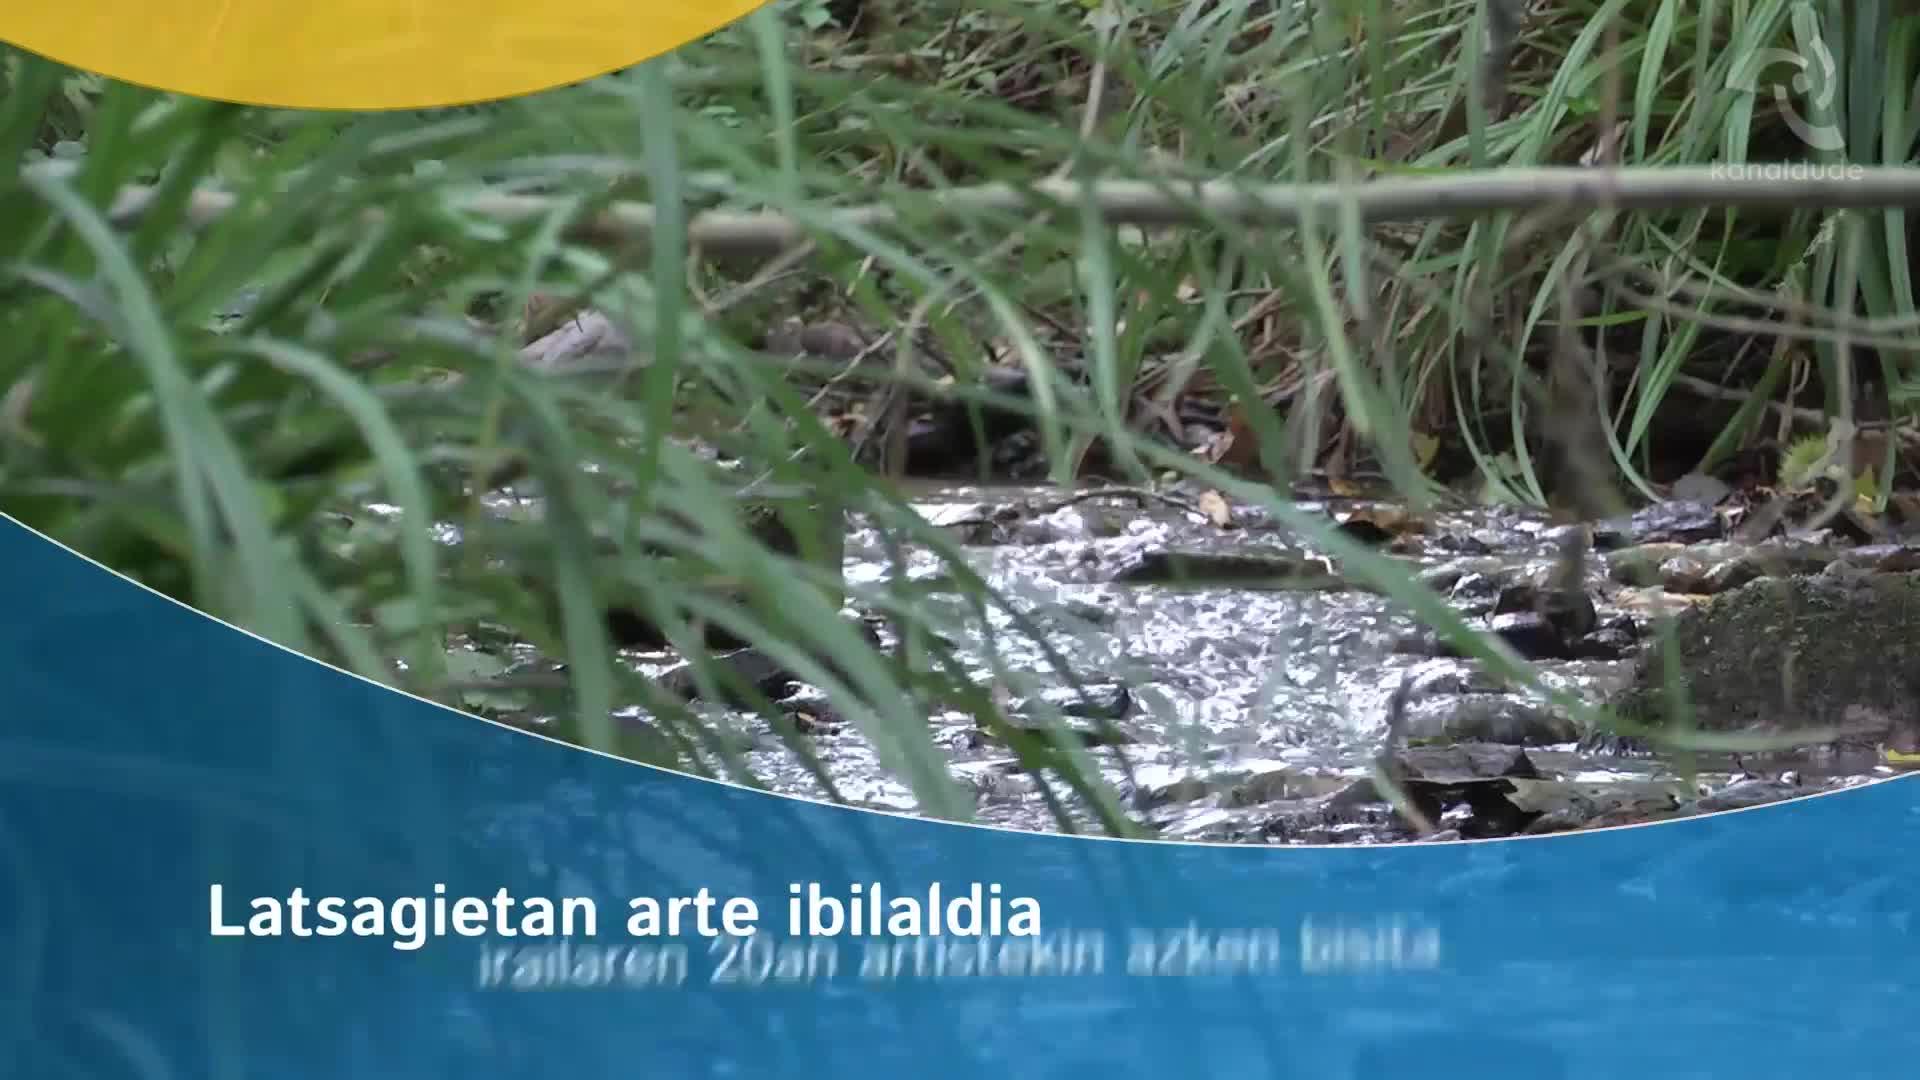 Latsagietan arte ibilbidea : irailaren 20an artistekin azken bisita